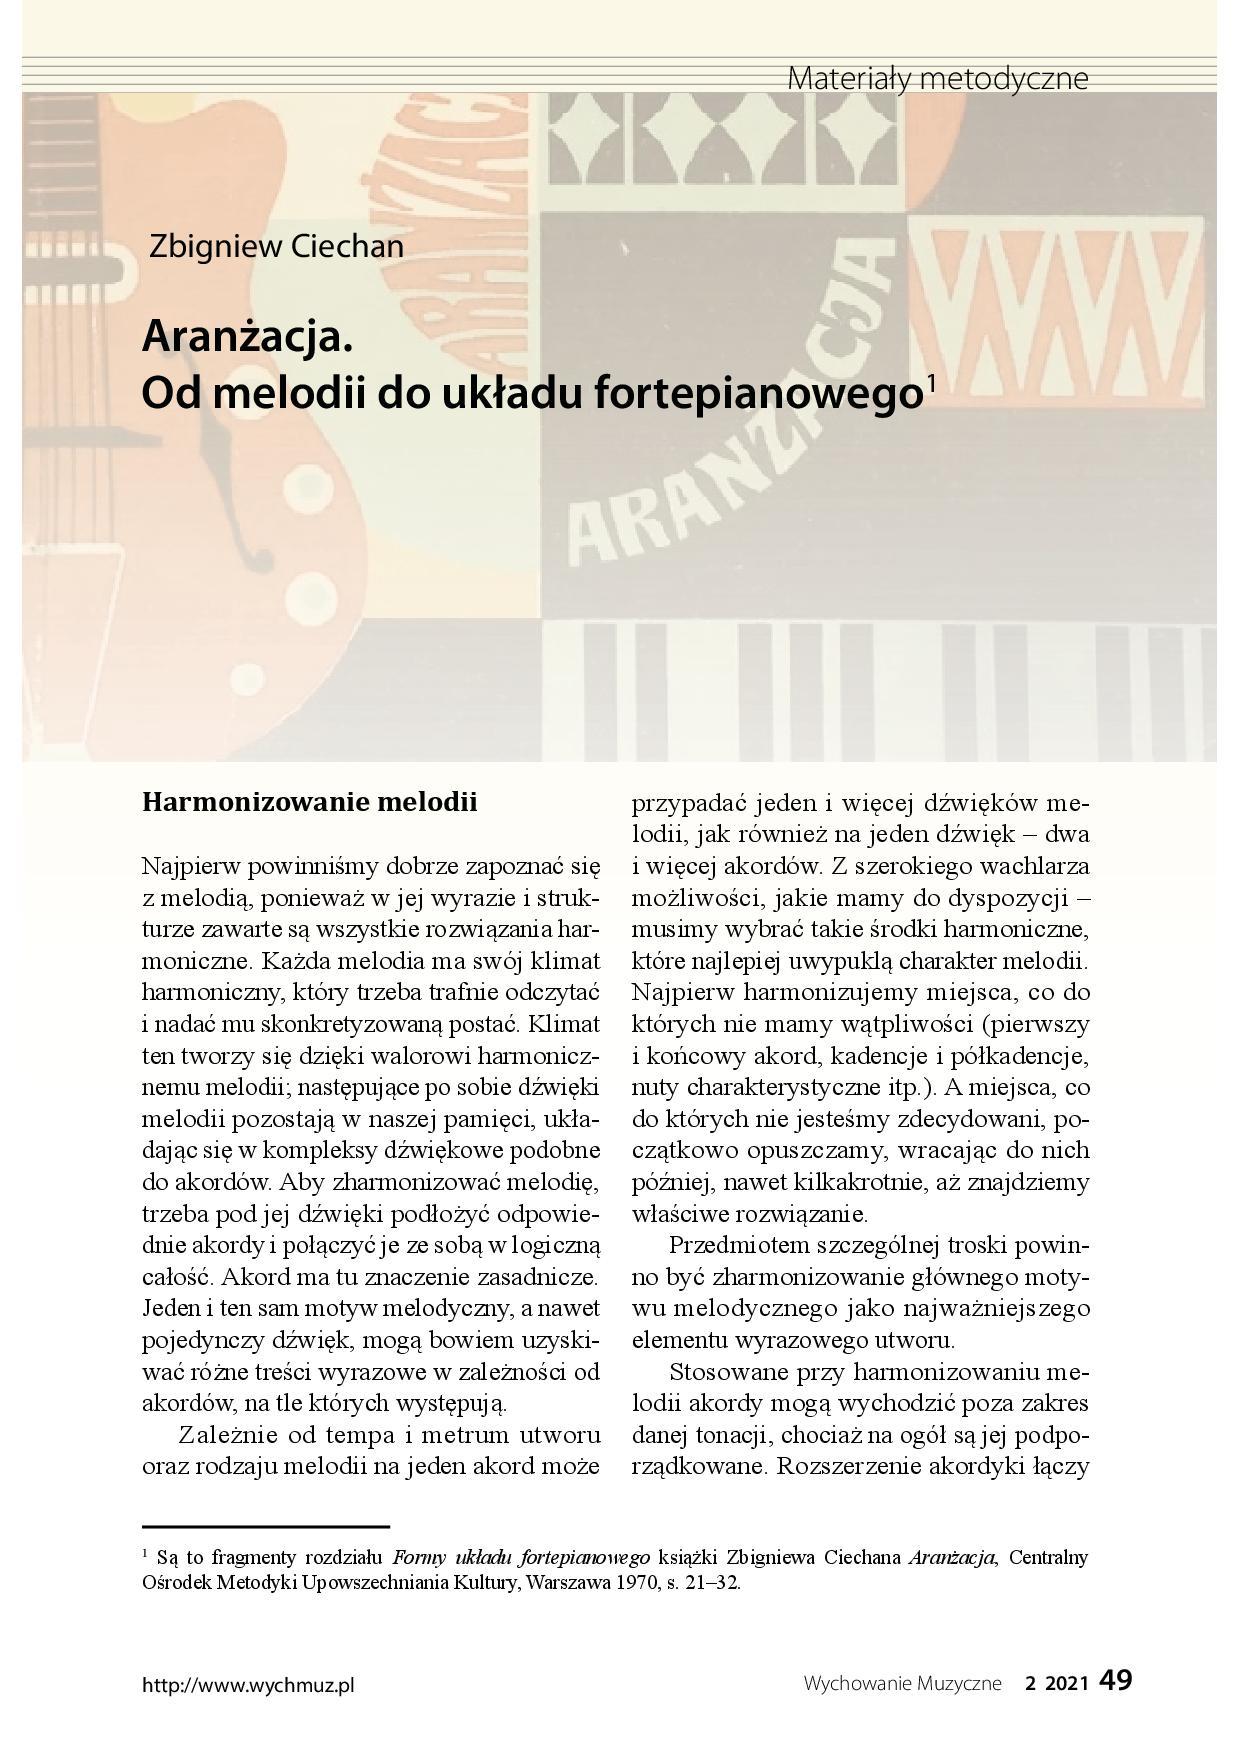 Aranżacja. Od melodii do układu fortepianowego